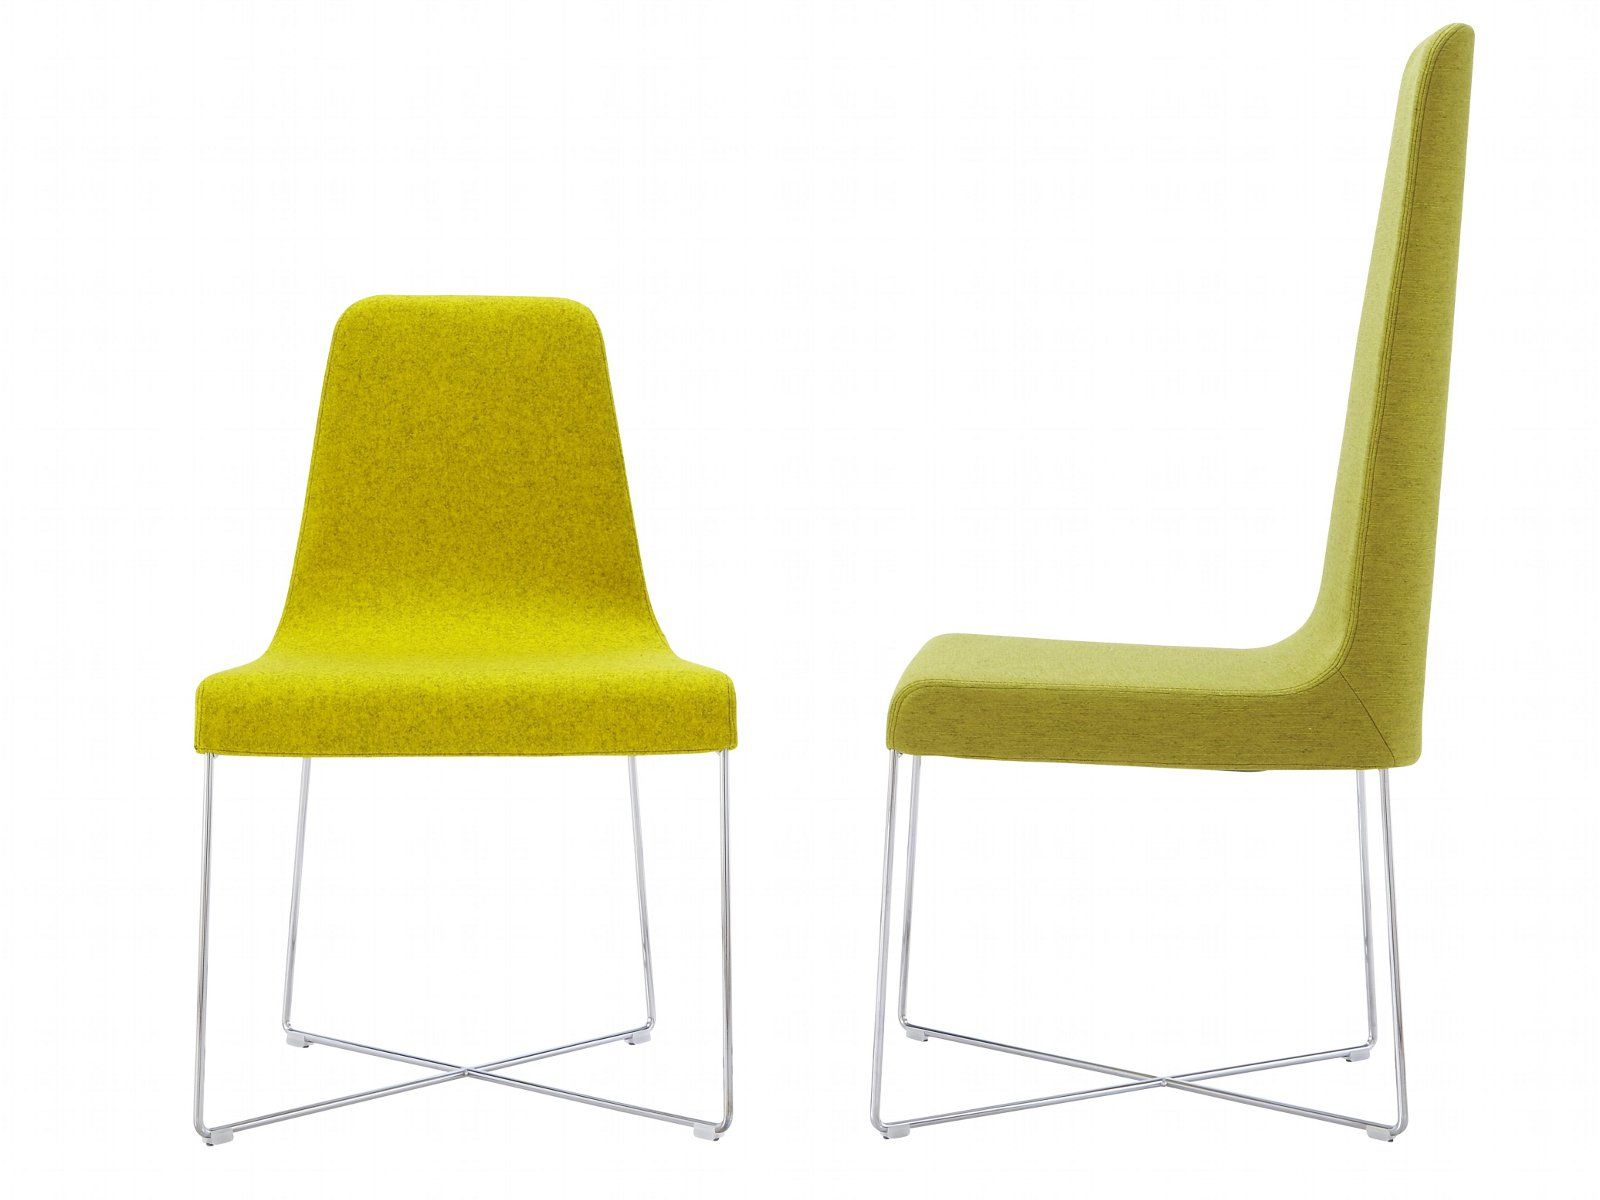 Sedie Schienale Alto Design : Sedia imbottita con schienale alto so by roset italia design soda